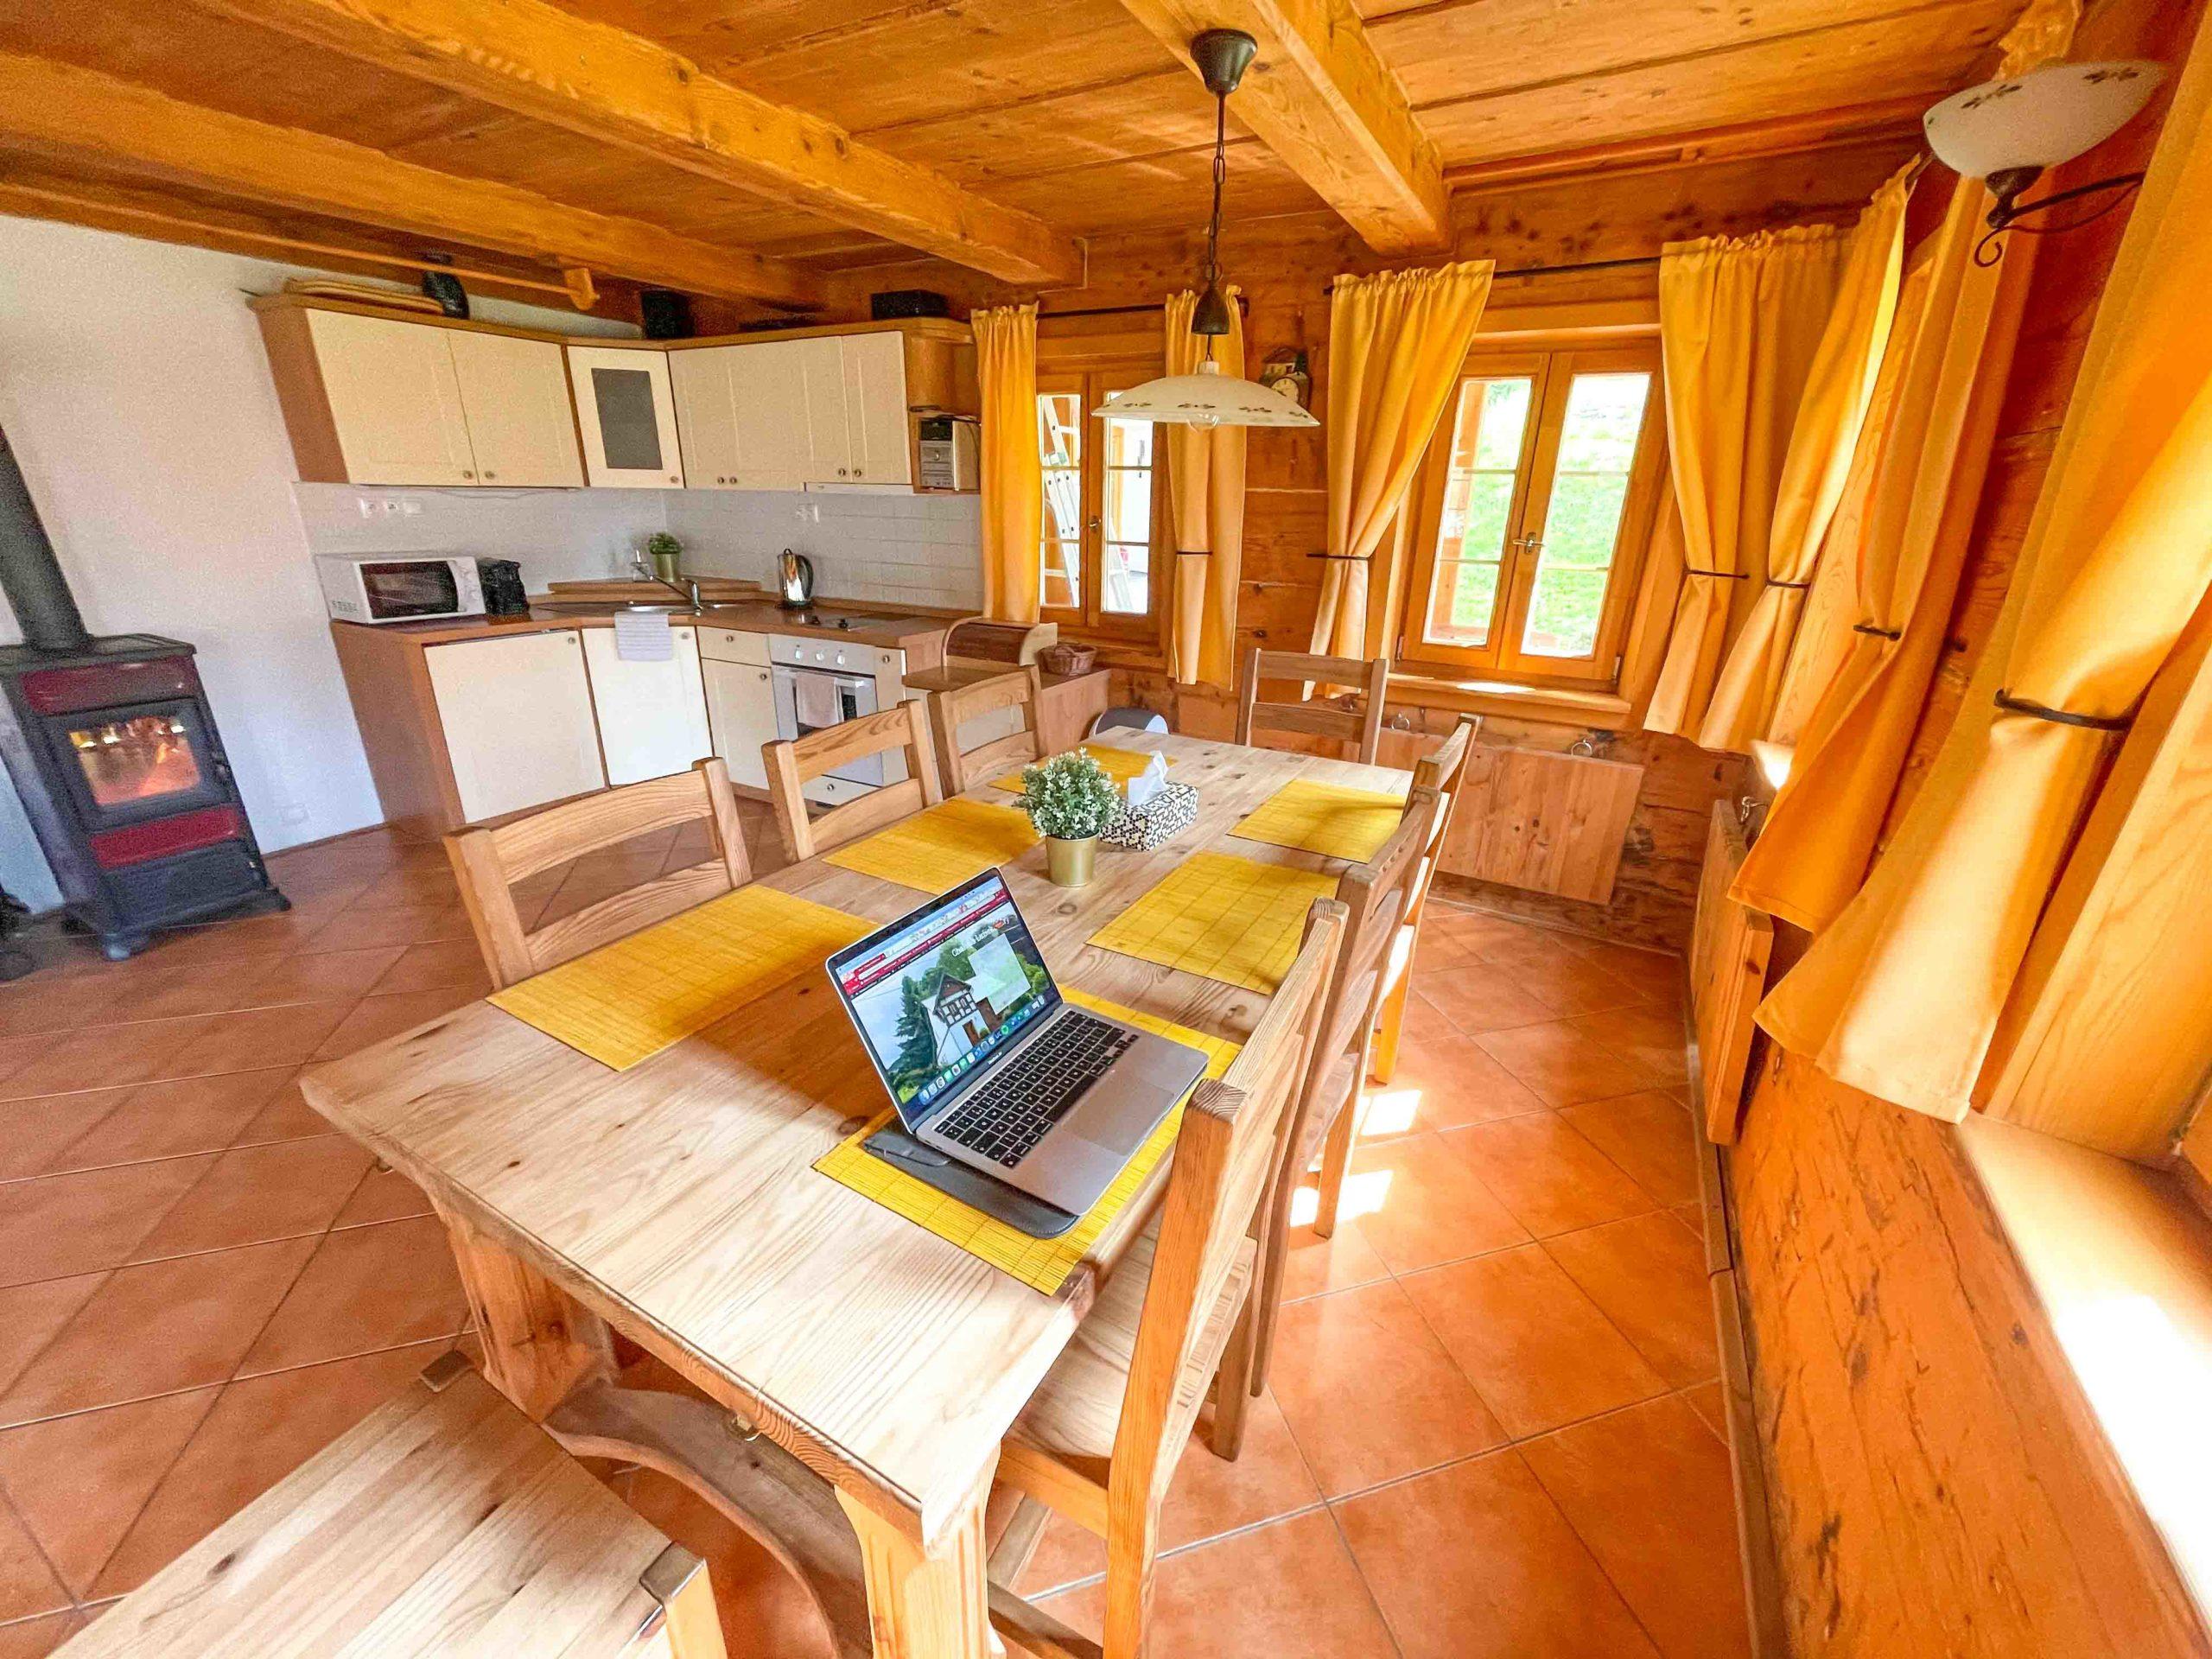 V kuchyni najdete zabudovanou lednici, mikrovlnou troubu, kávovar, troubu, rychlovarnou konvici a rádio.